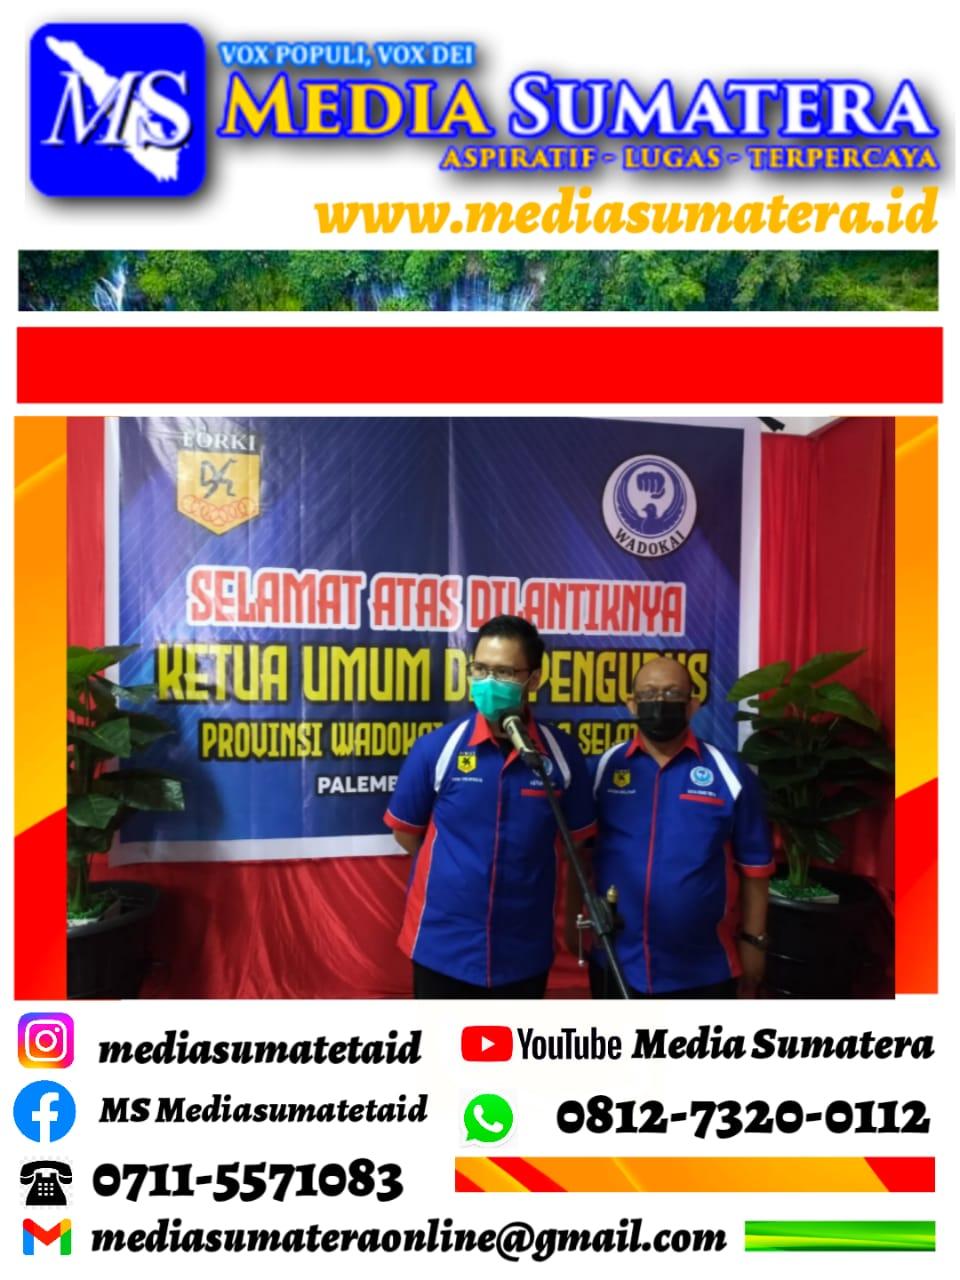 Usai Dilantik, Ketua Pengprov Wadokai Sumsel Ferroka Putra Wathan Masa Bakti 2021-2025 Siap Hasilkan Atlet Berprestasi Untuk Sumsel